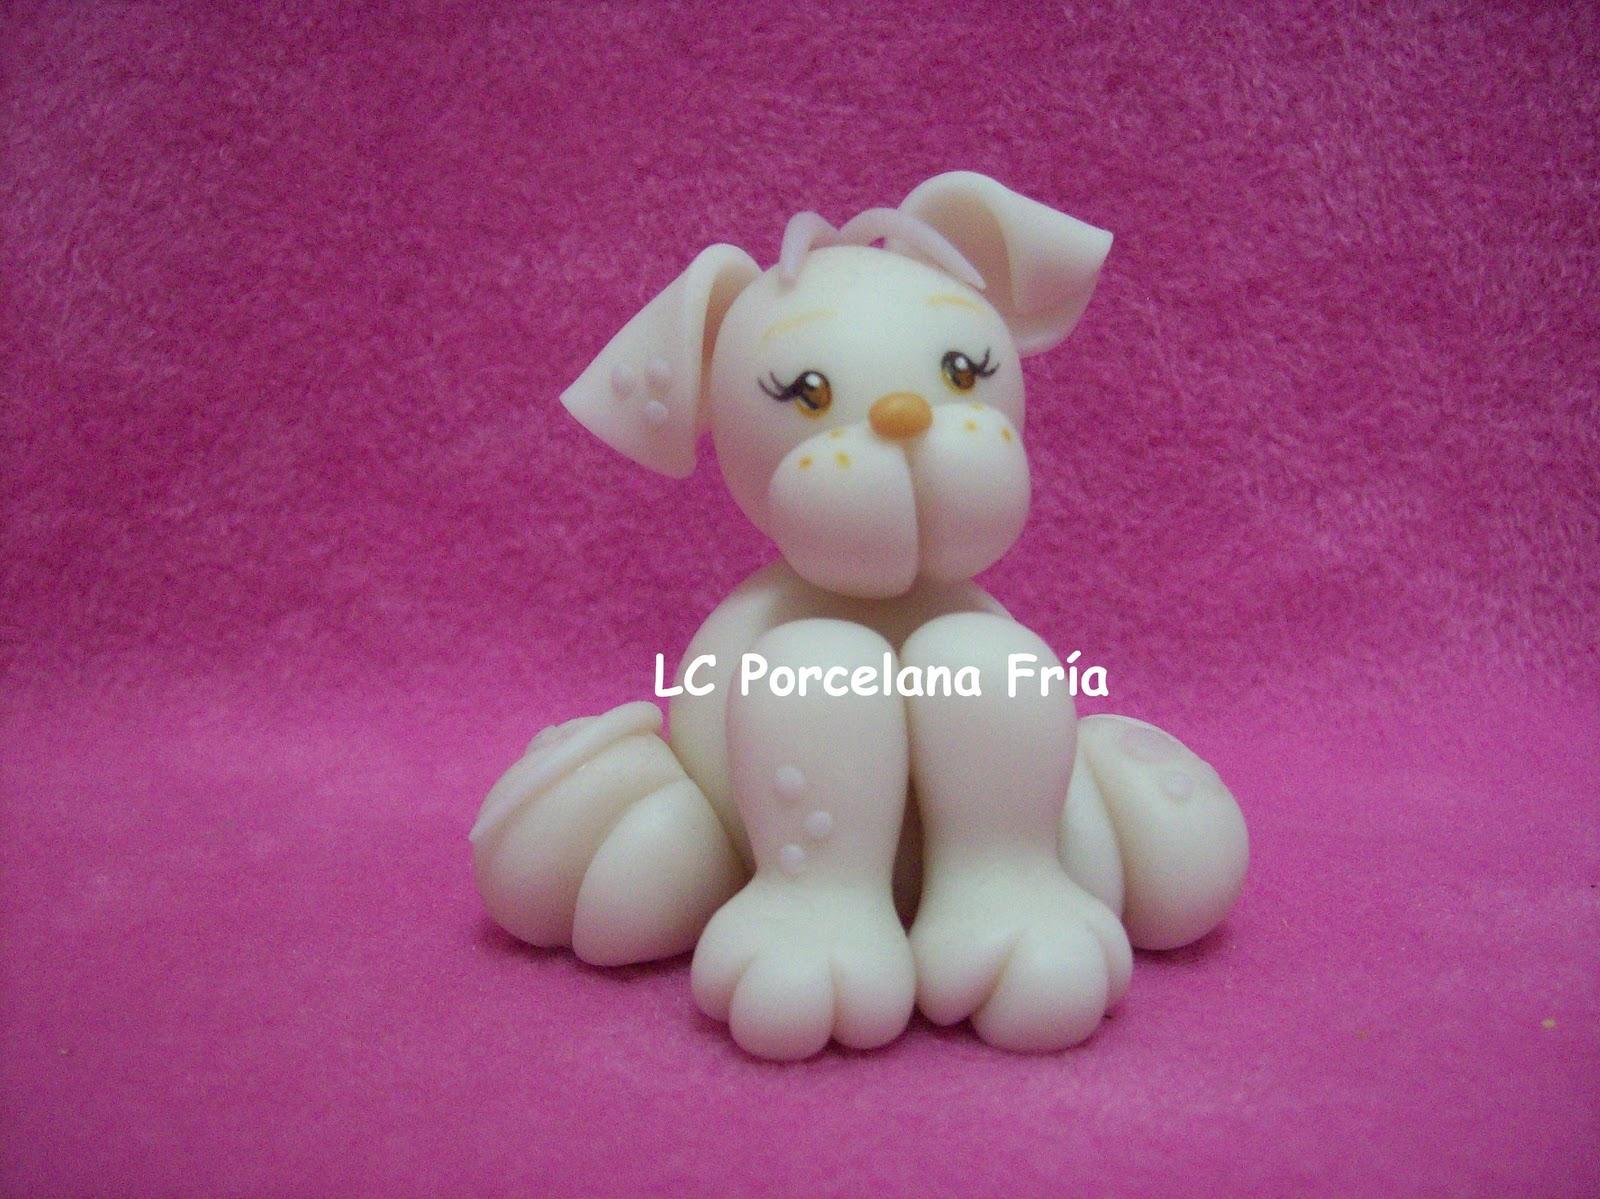 Lc porcelana fr a - Fotos de ceramica ...